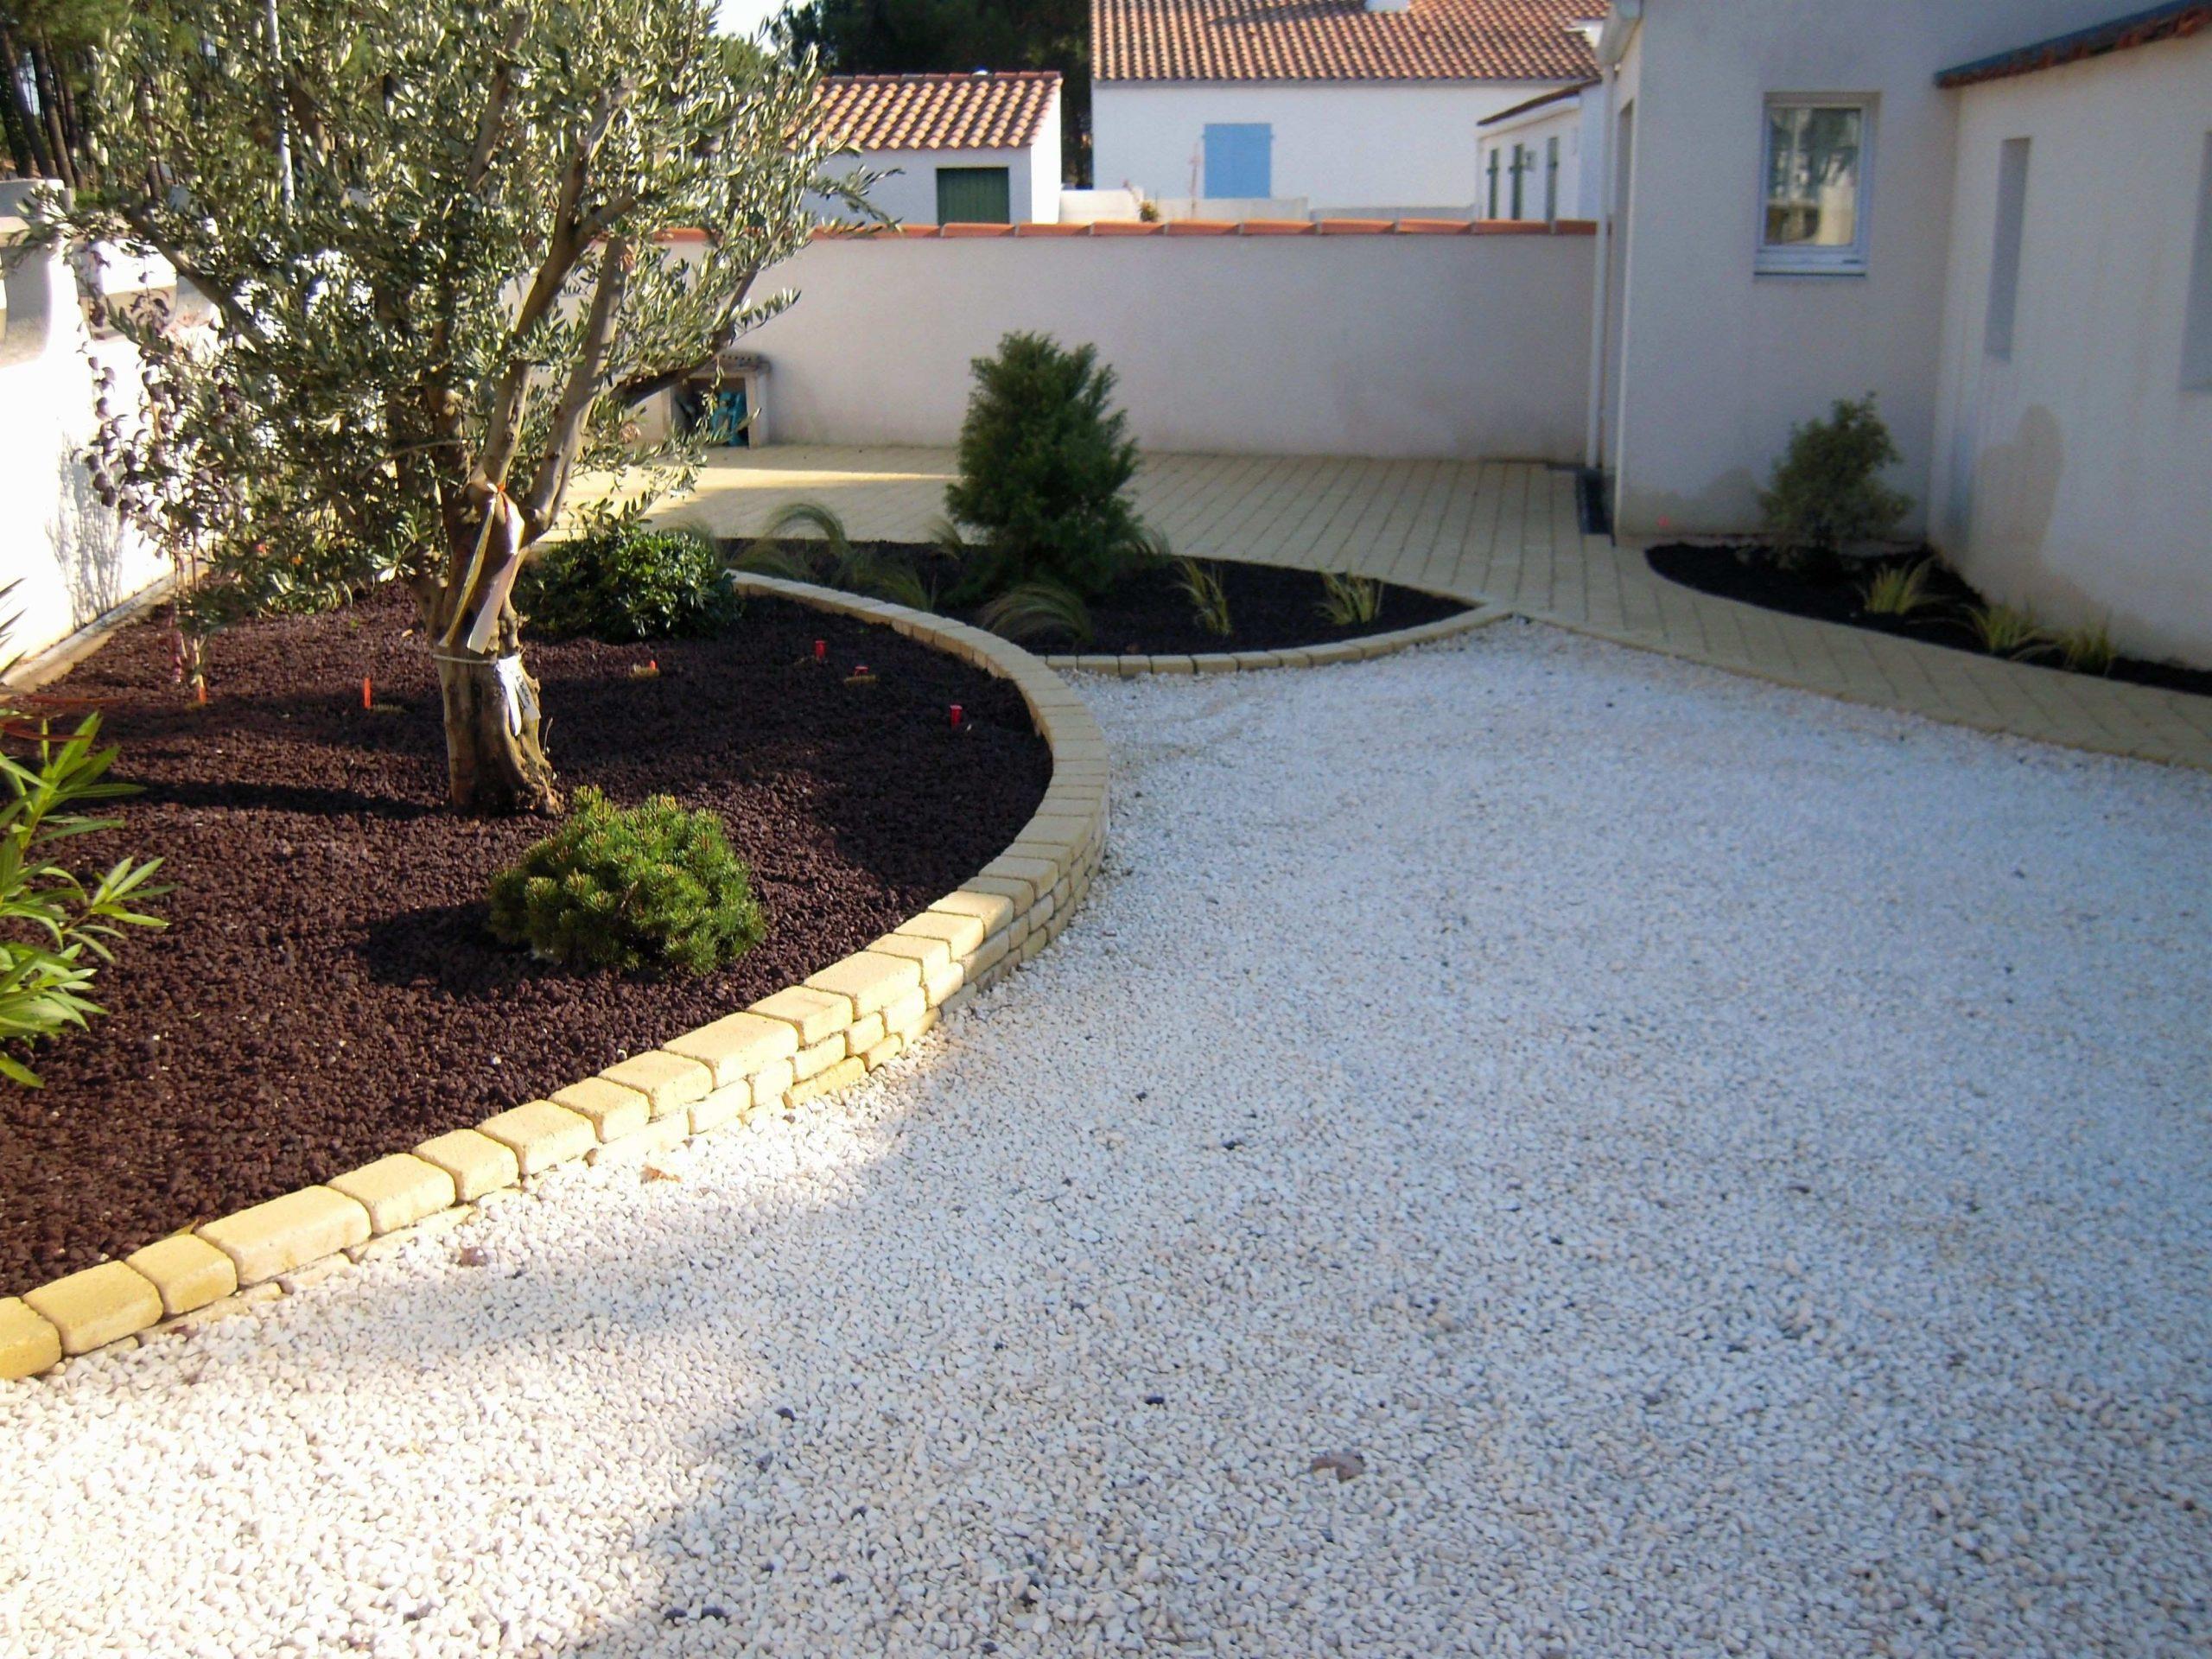 Cailloux Blanc Jardin Inspirational Allee De Jardin En ... serapportantà Caillou Pour Jardin